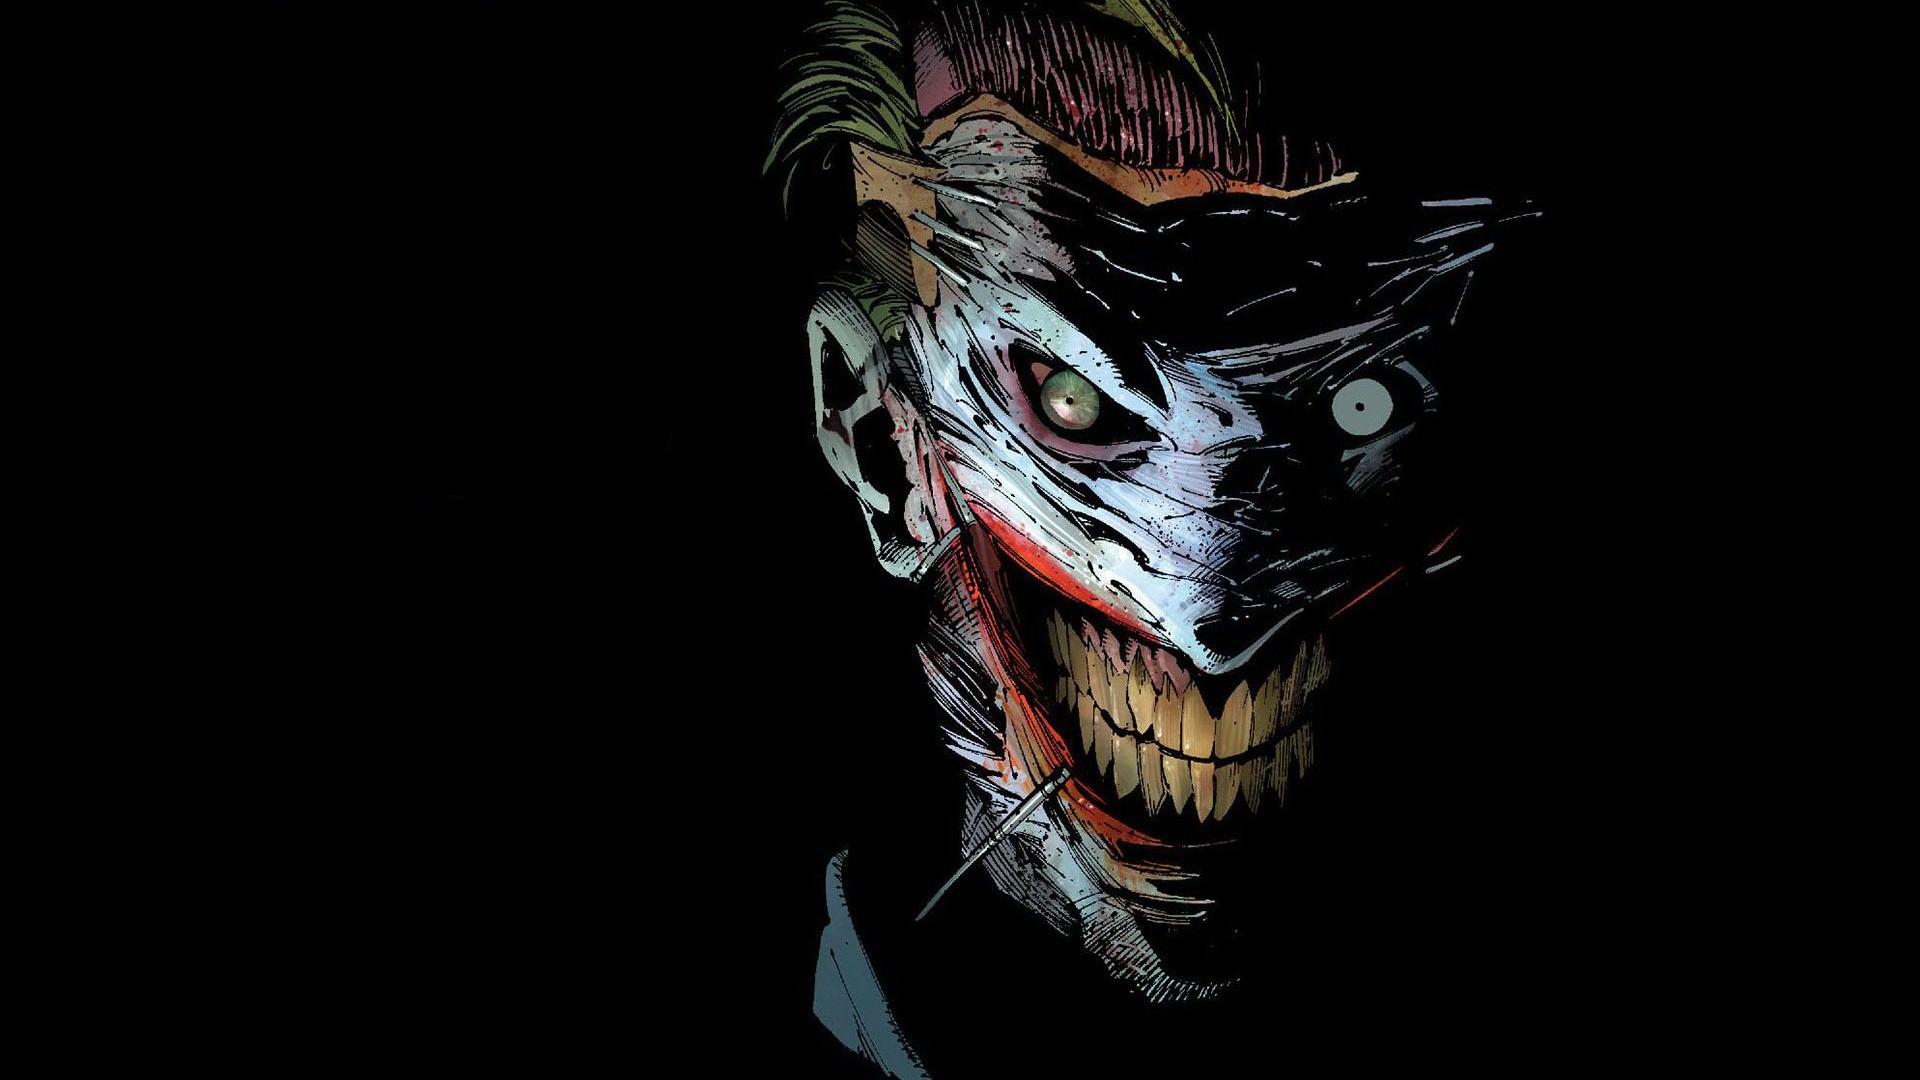 Batman DC Comics The Joker Wallpaper   DigitalArtio 1920x1080